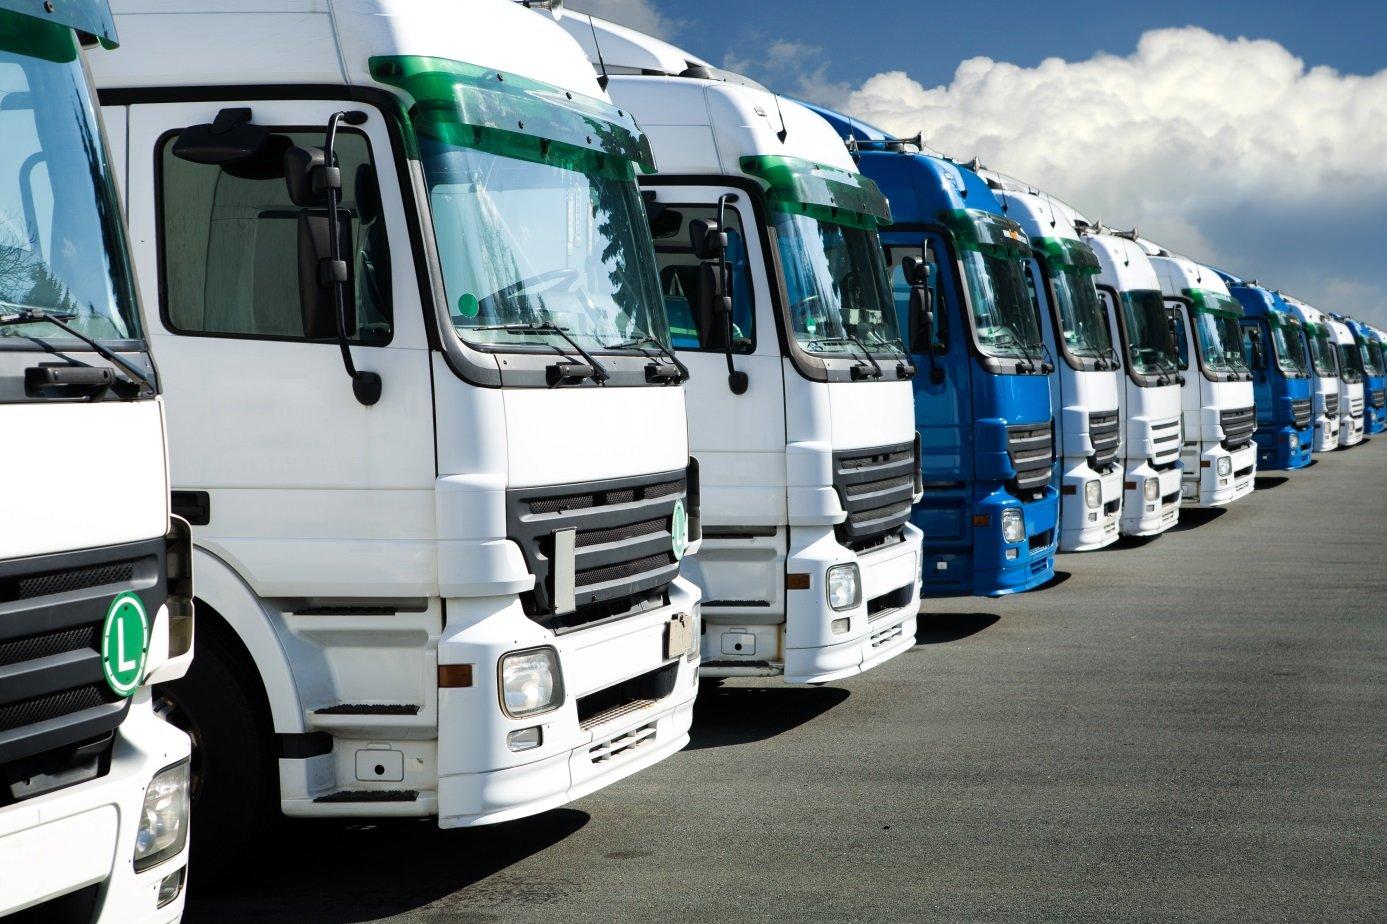 Грузоперевозки по России, плюсы и минусы различного транспорта